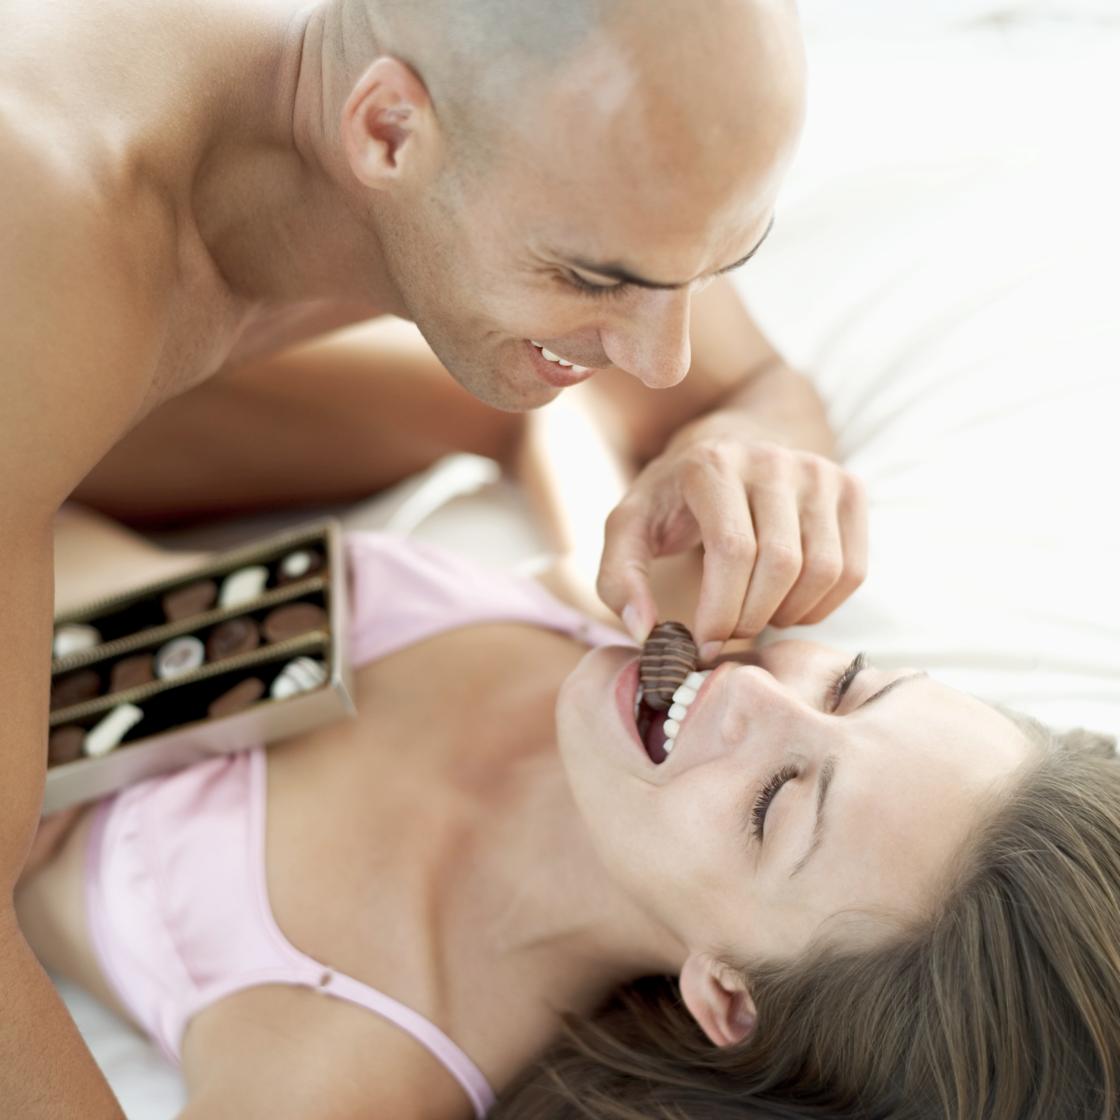 Naschen macht Lust: Diese beliebte Süßigkeit wirkt wie ein Aphrodisiakum!